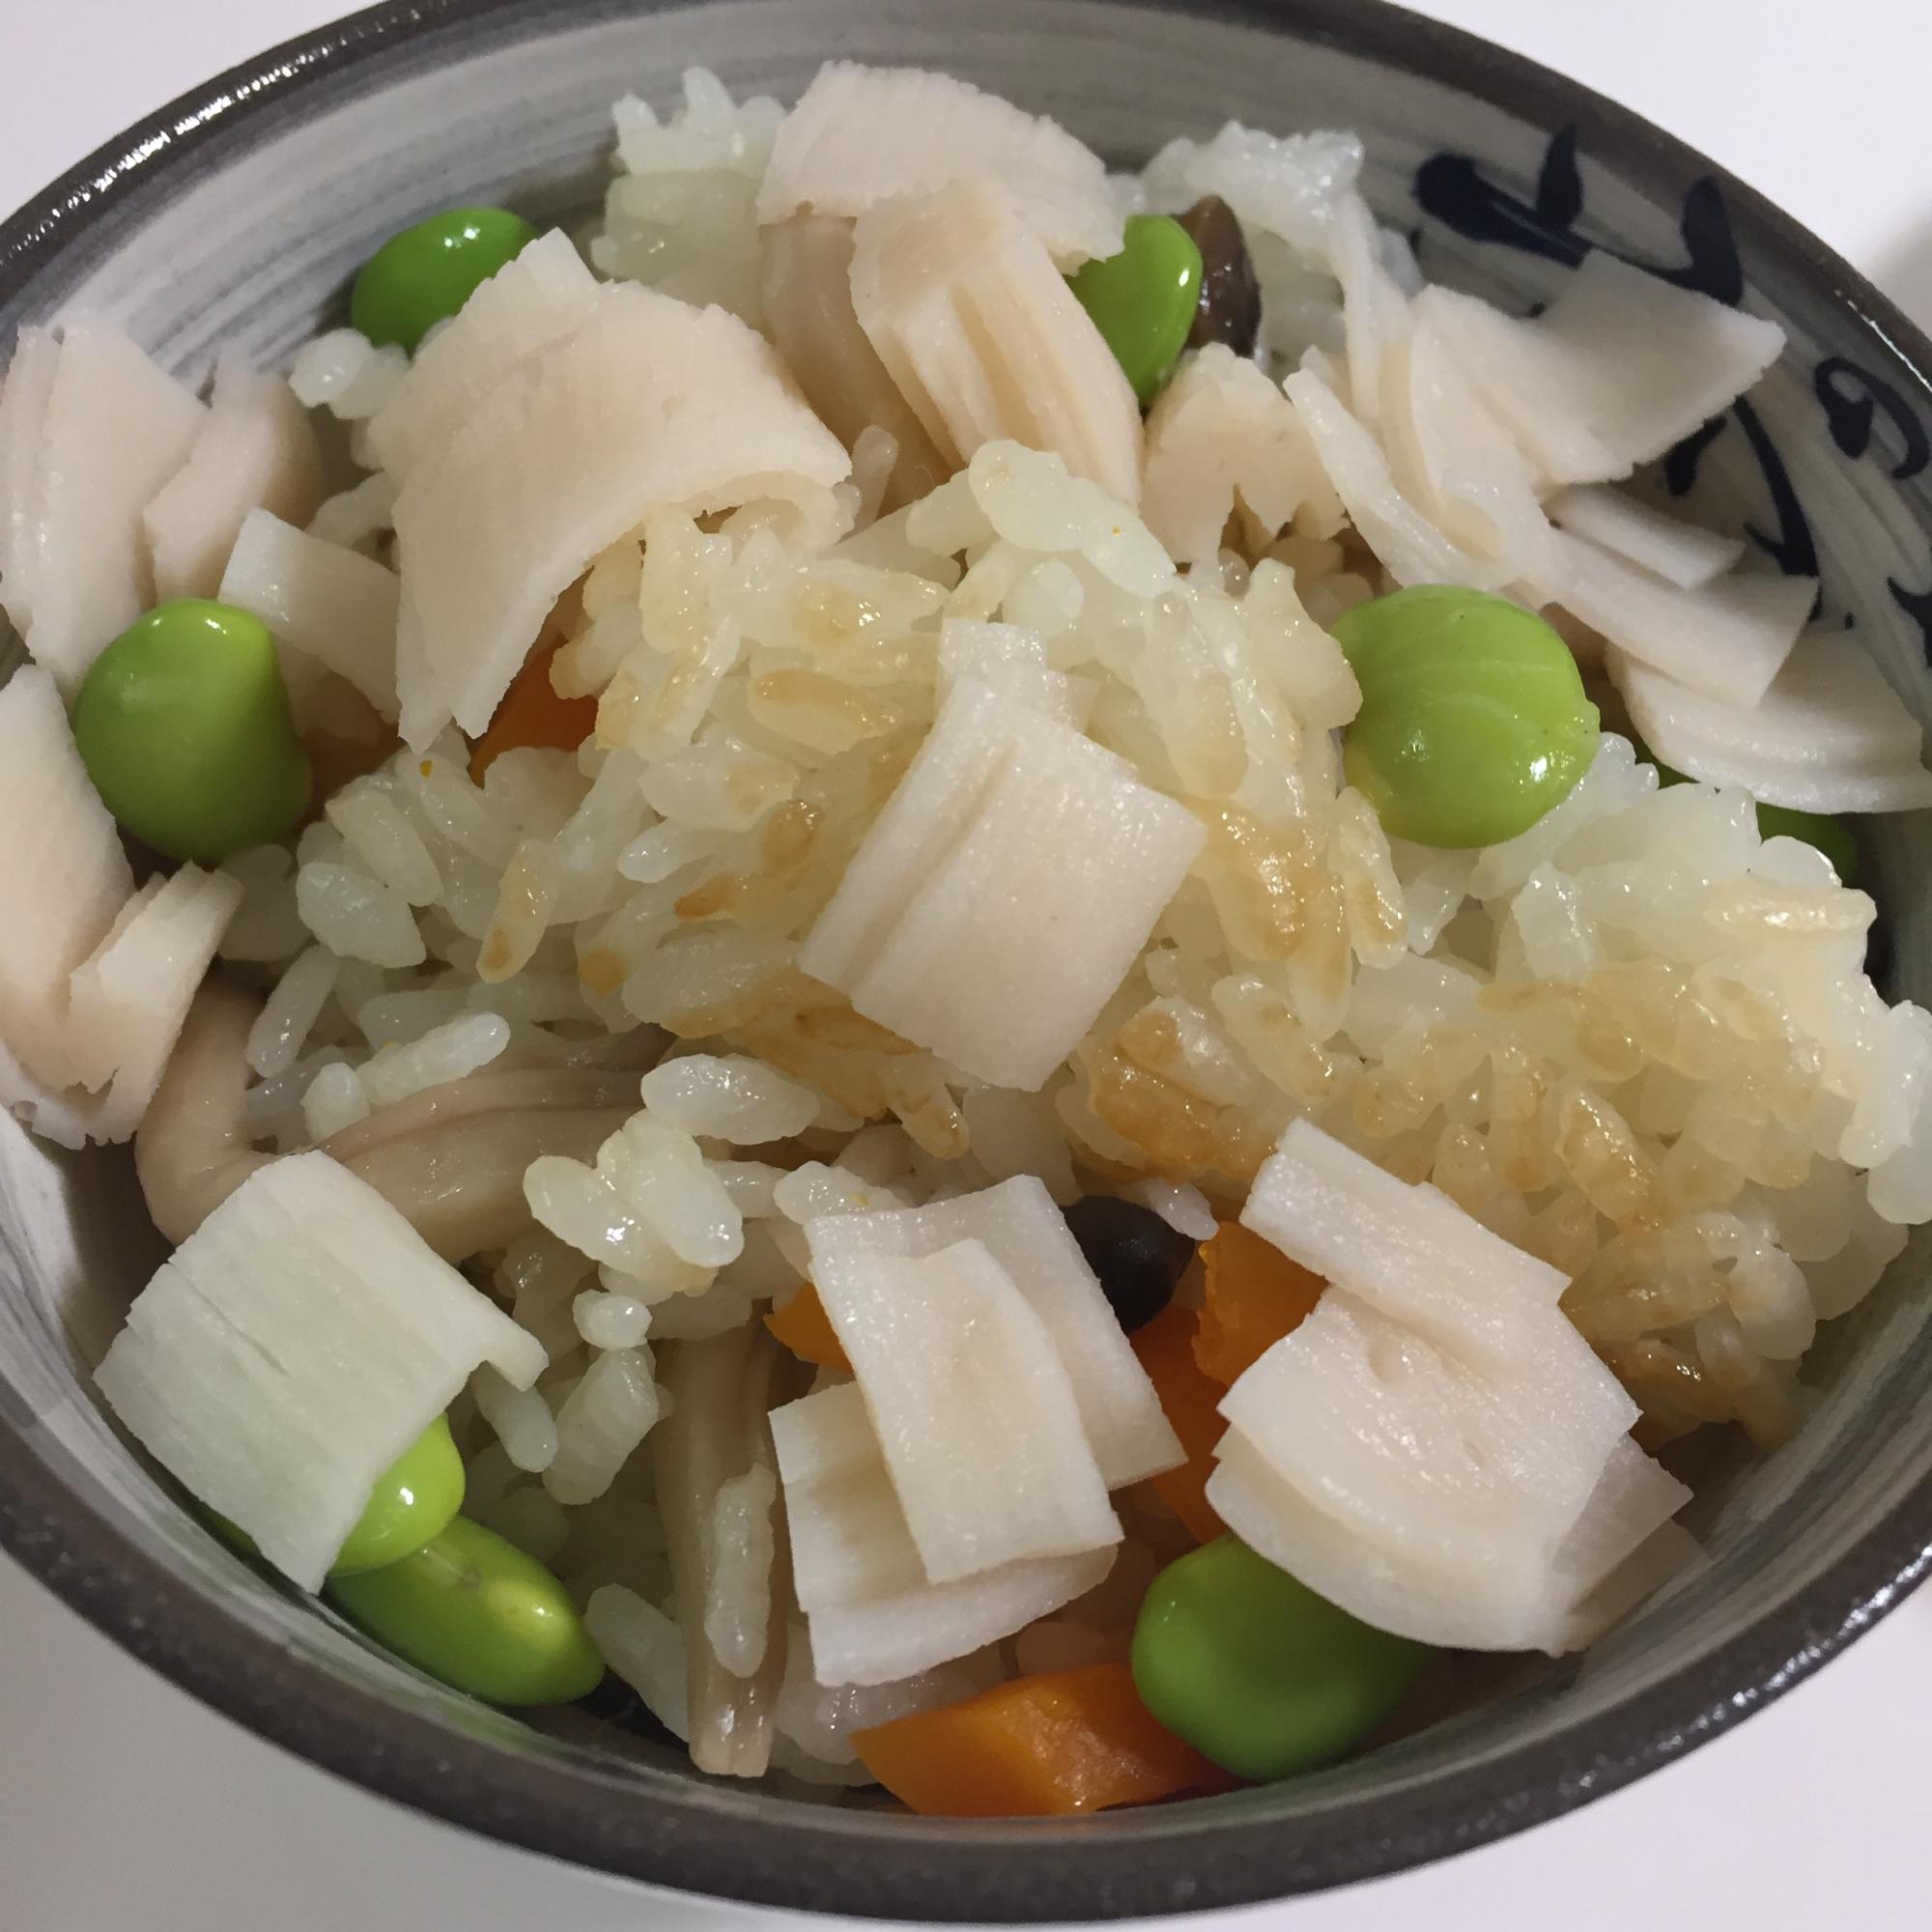 ⒋ ホタテのだしの素を使った彩り炊き込みご飯